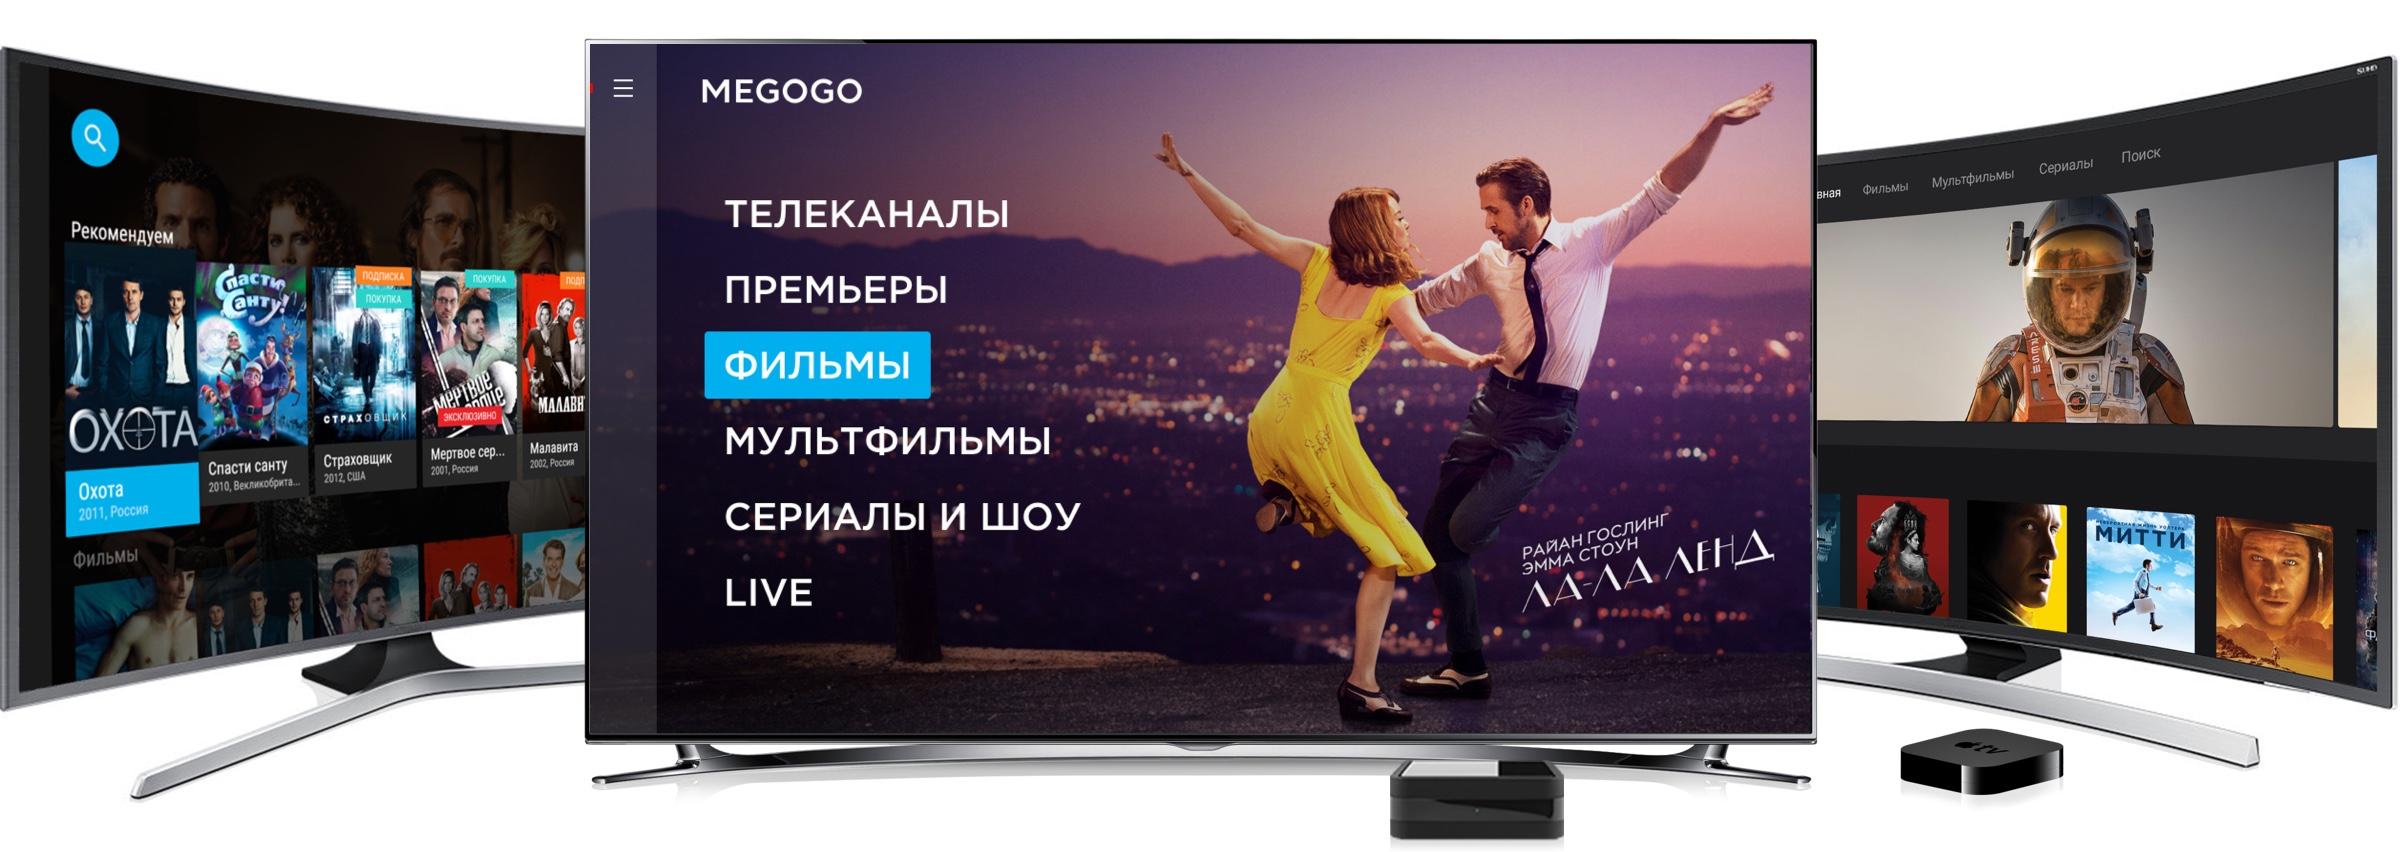 Как сделать телевизор умным фото 629